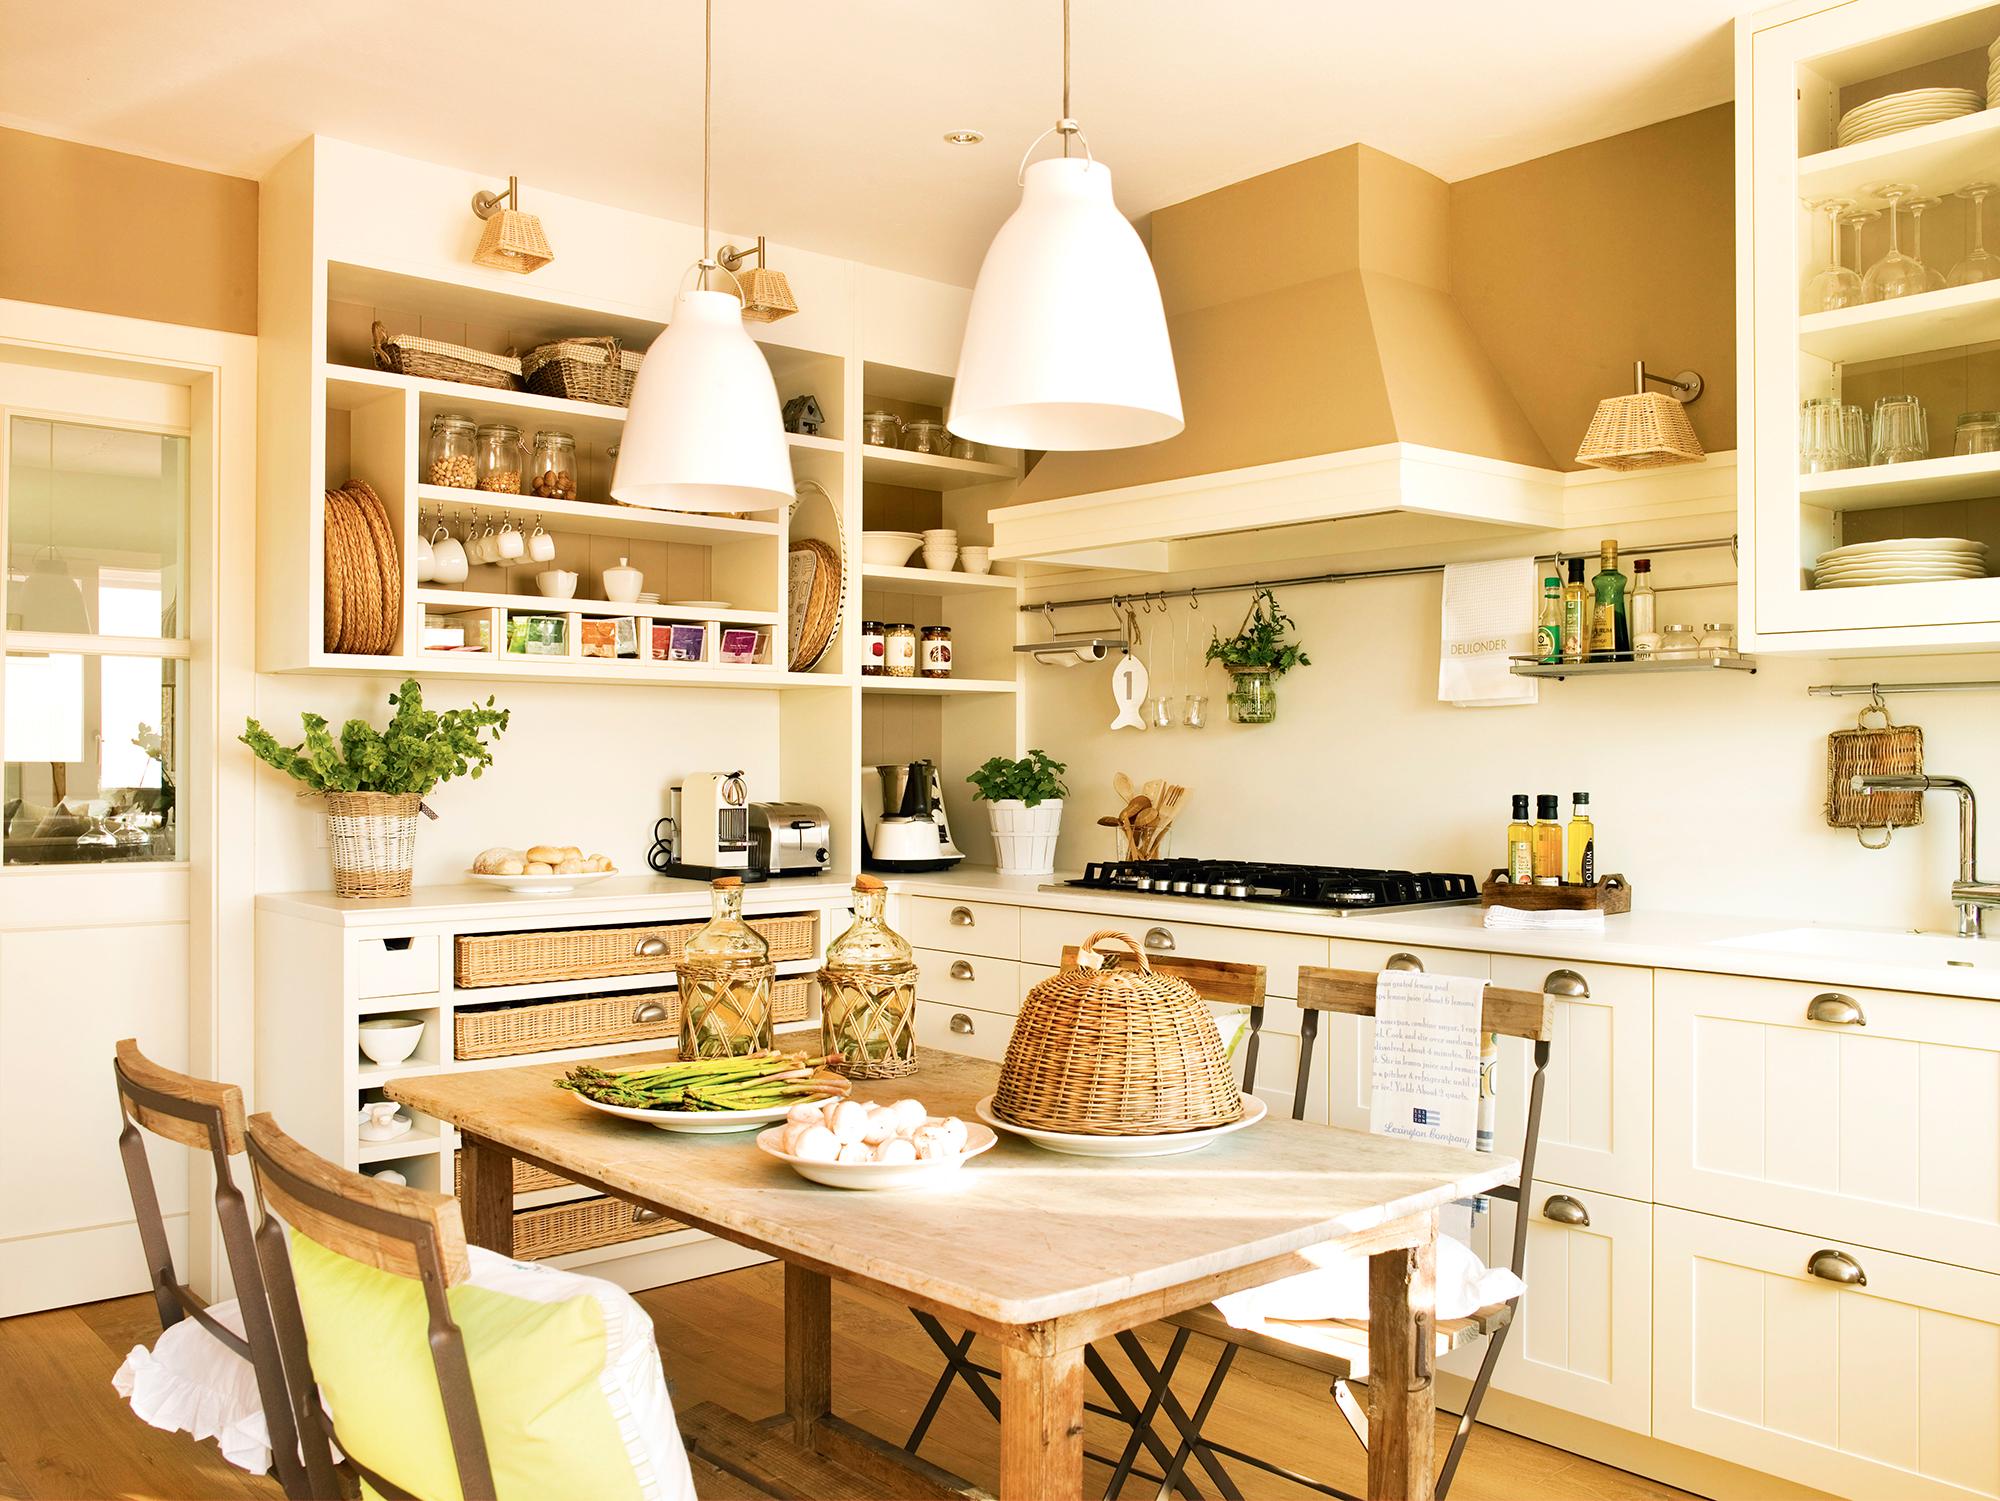 Cocinas las 50 mejores de el mueble - Pintura de cocina ...